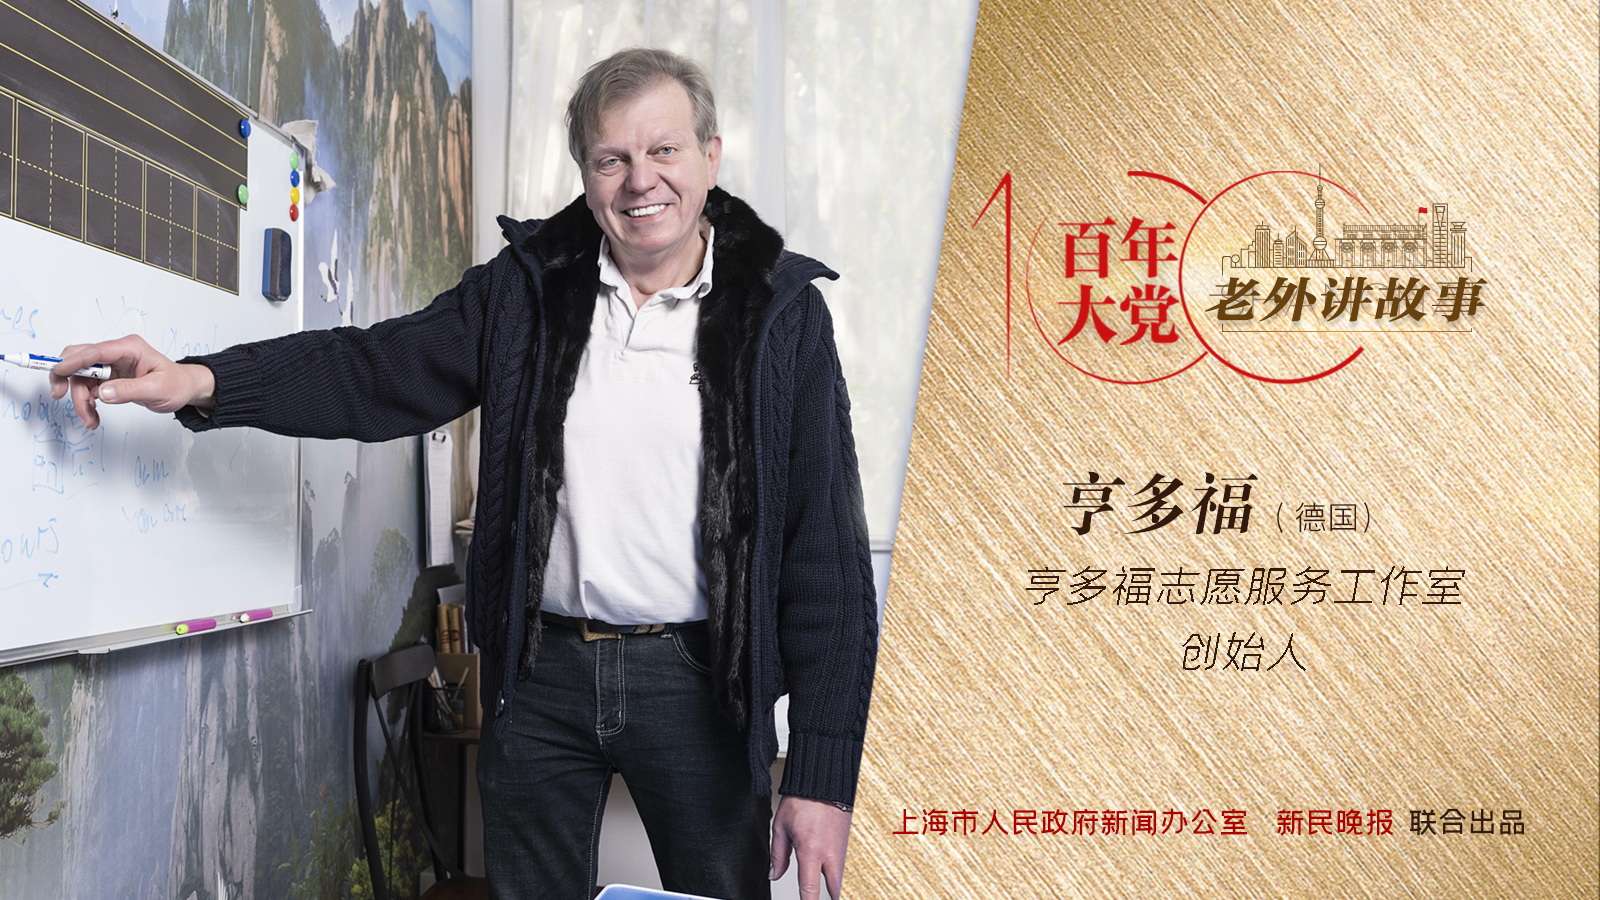 """亨多福:人们叫我""""洋雷锋"""",还成立了以我命名的志愿服务工作室   百年大党-老外讲故事(65)"""